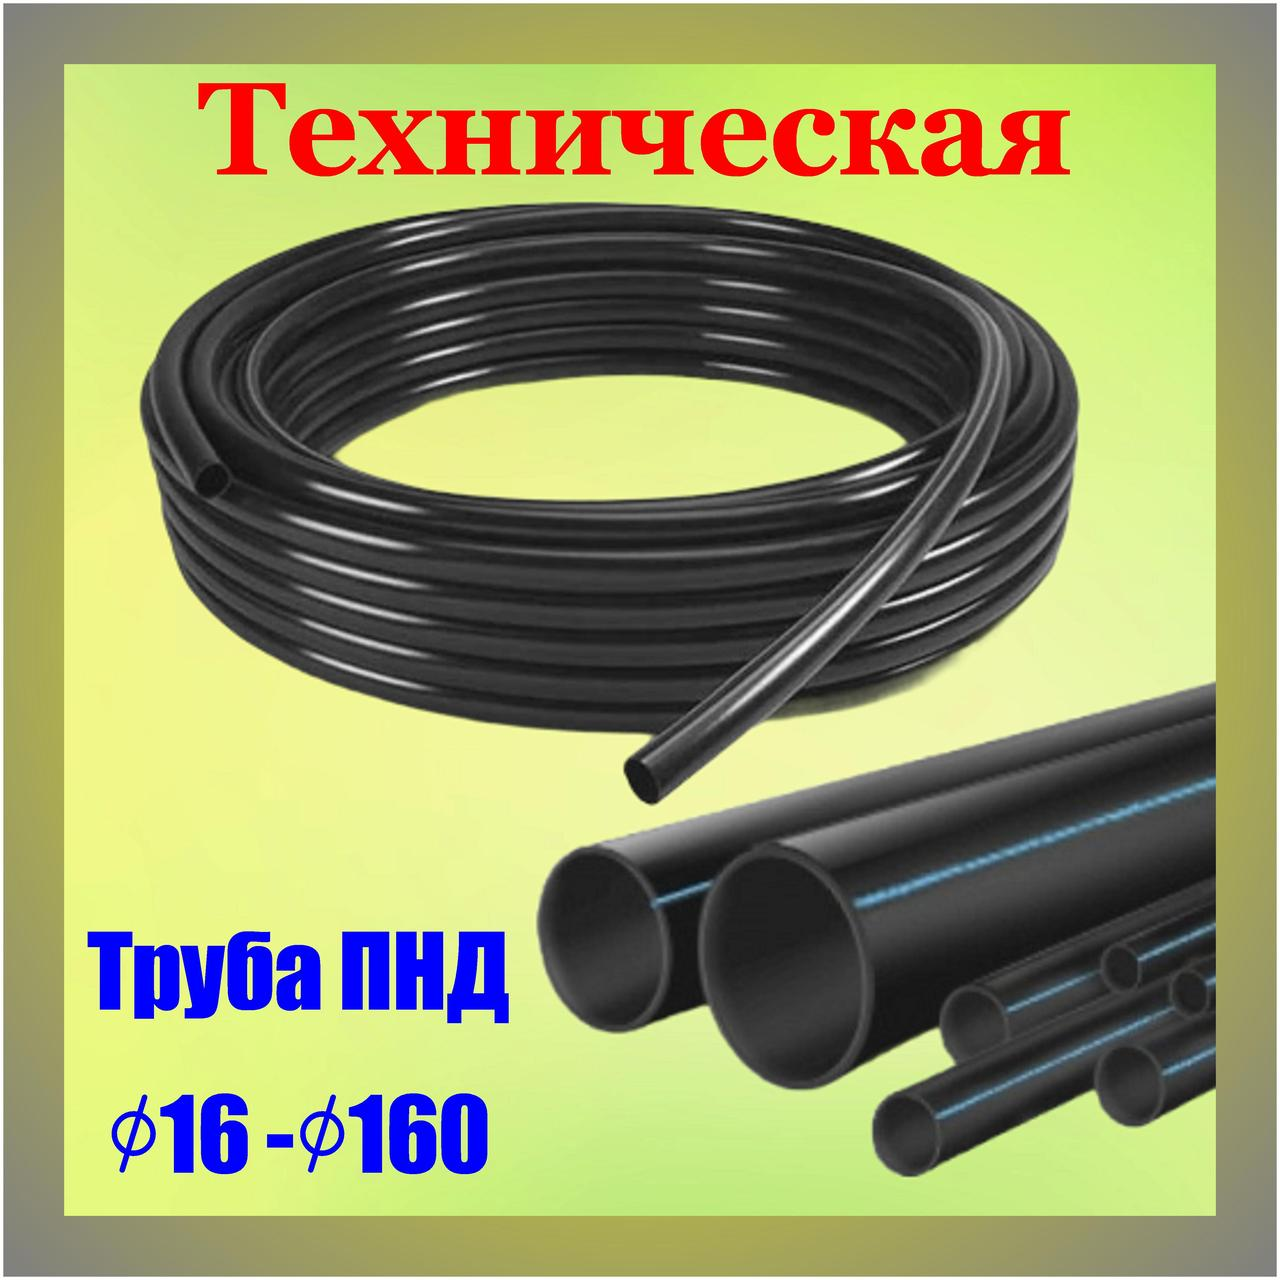 Труба ПНД 110 мм техническая